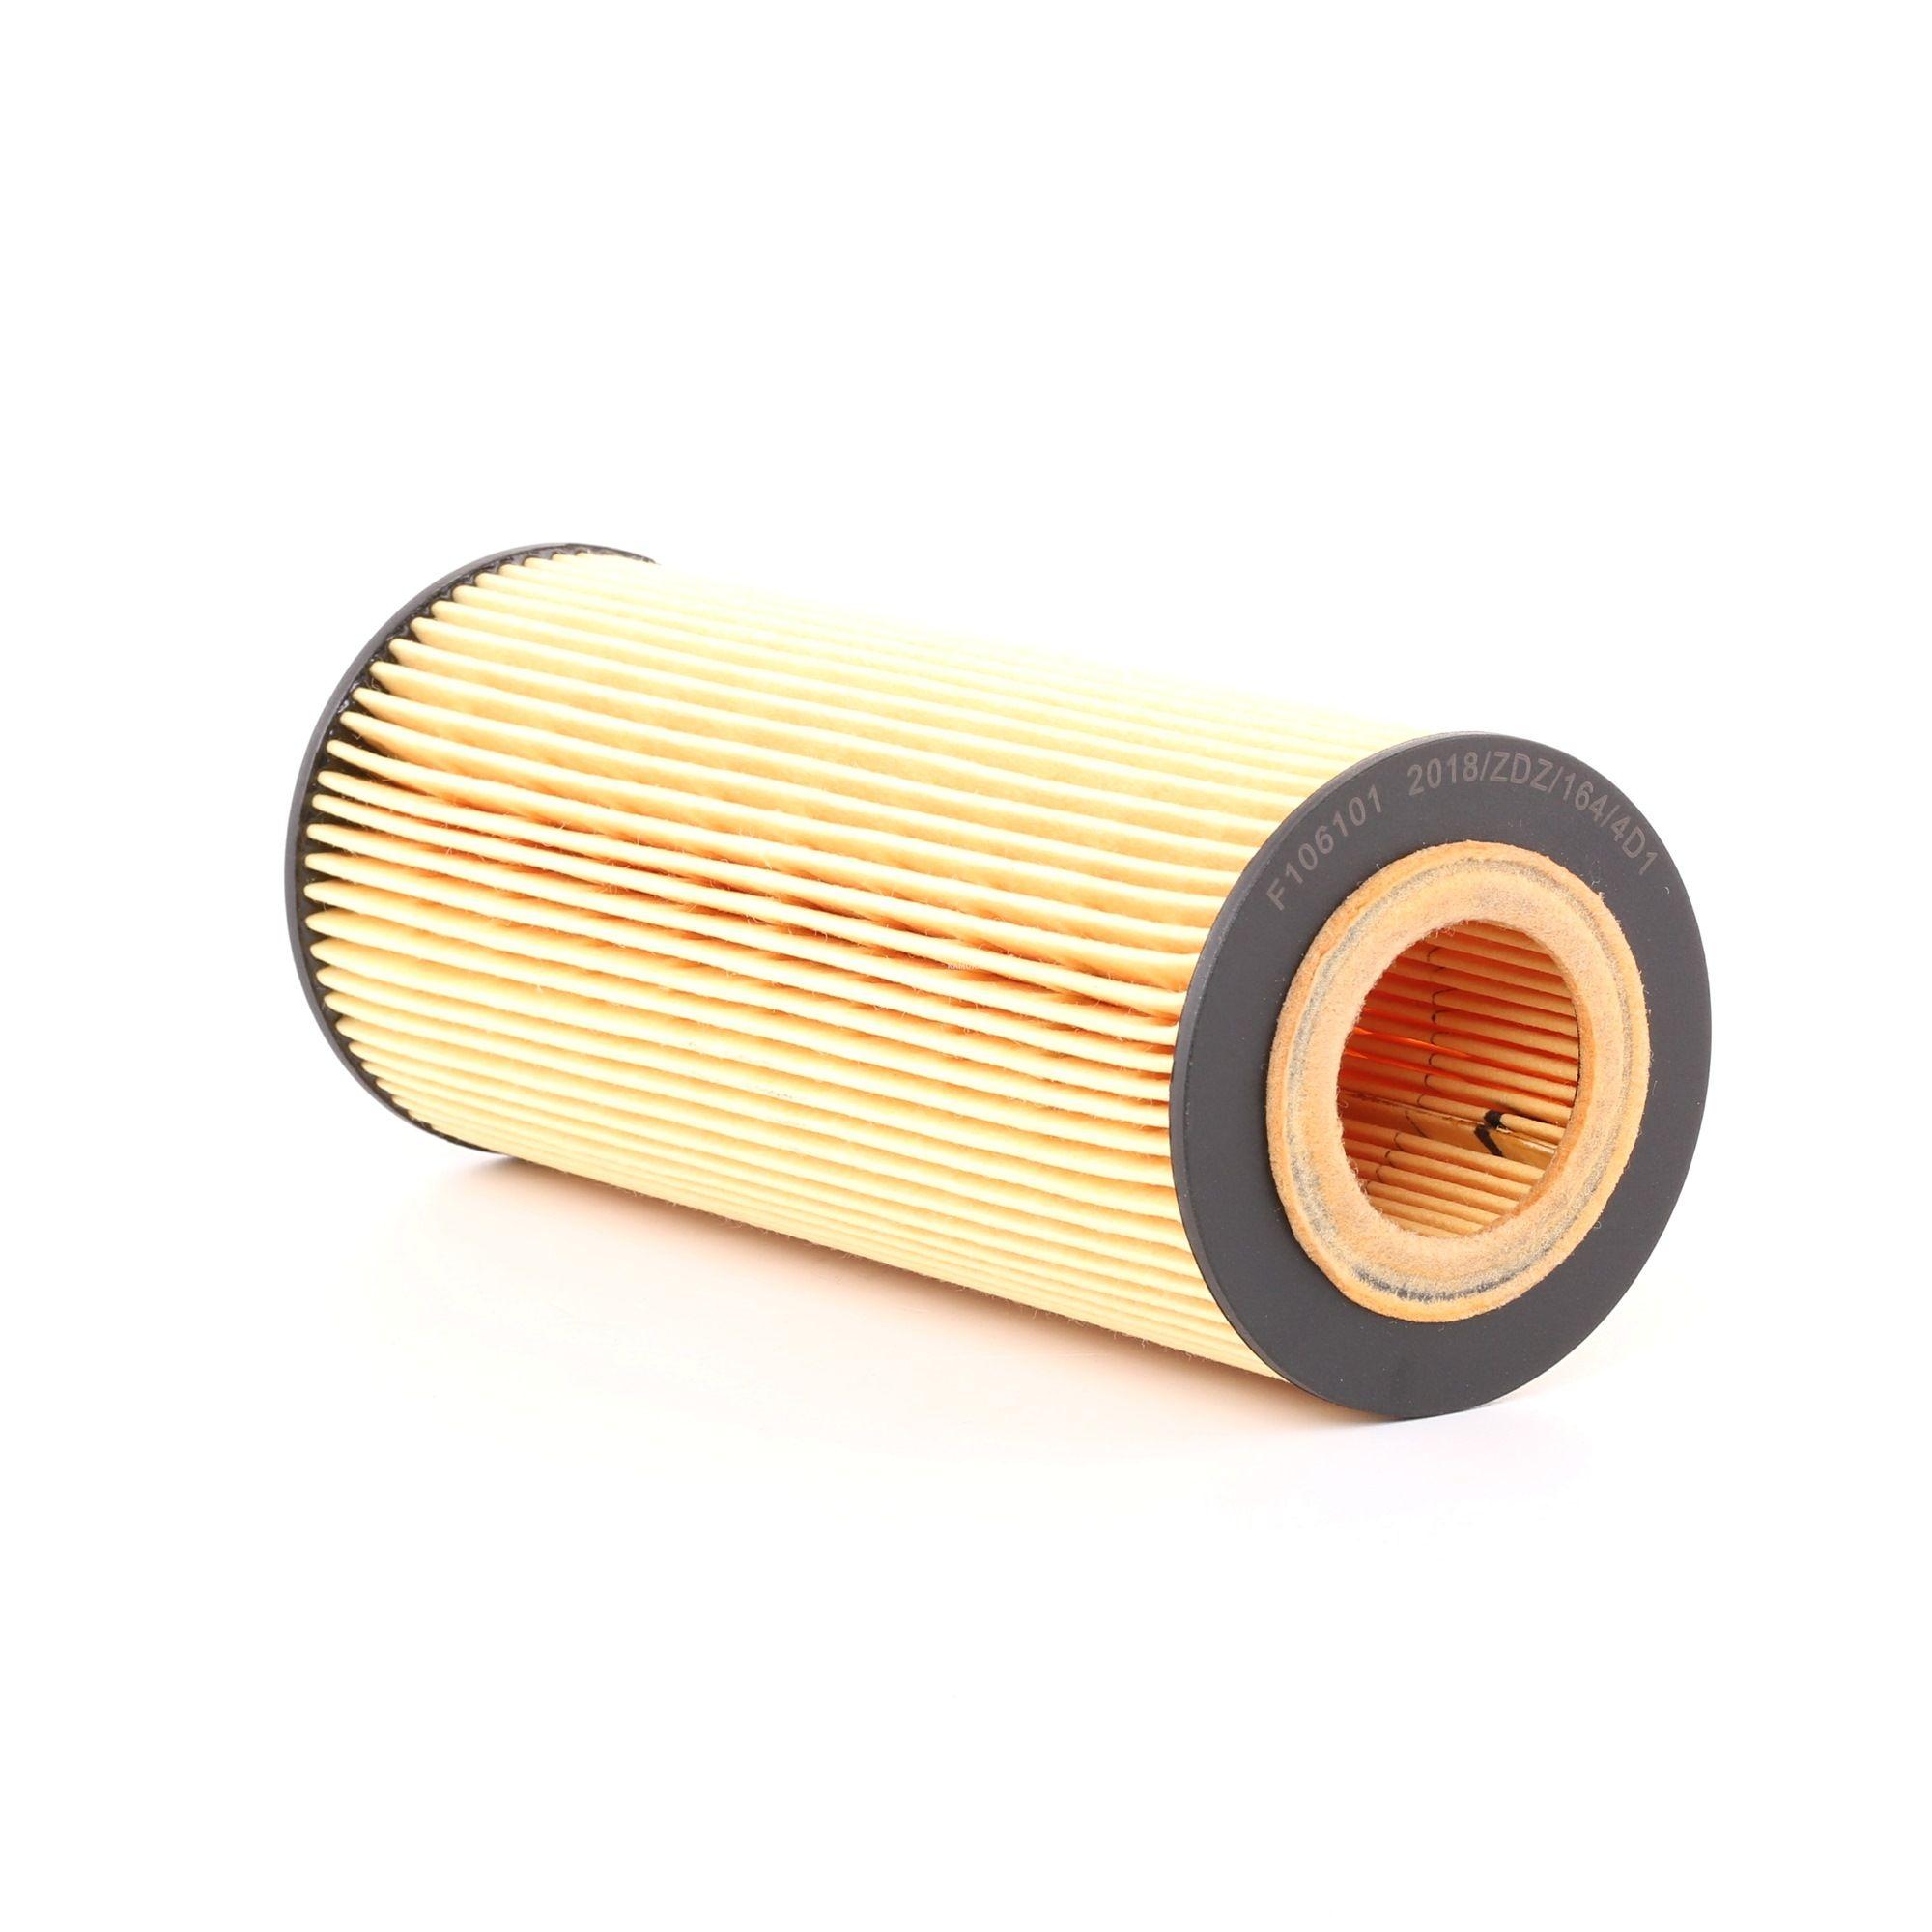 F106101 KAMOKA Filtereinsatz Innendurchmesser 2: 32mm, Innendurchmesser 2: 32mm, Ø: 65mm, Höhe: 155mm Ölfilter F106101 günstig kaufen